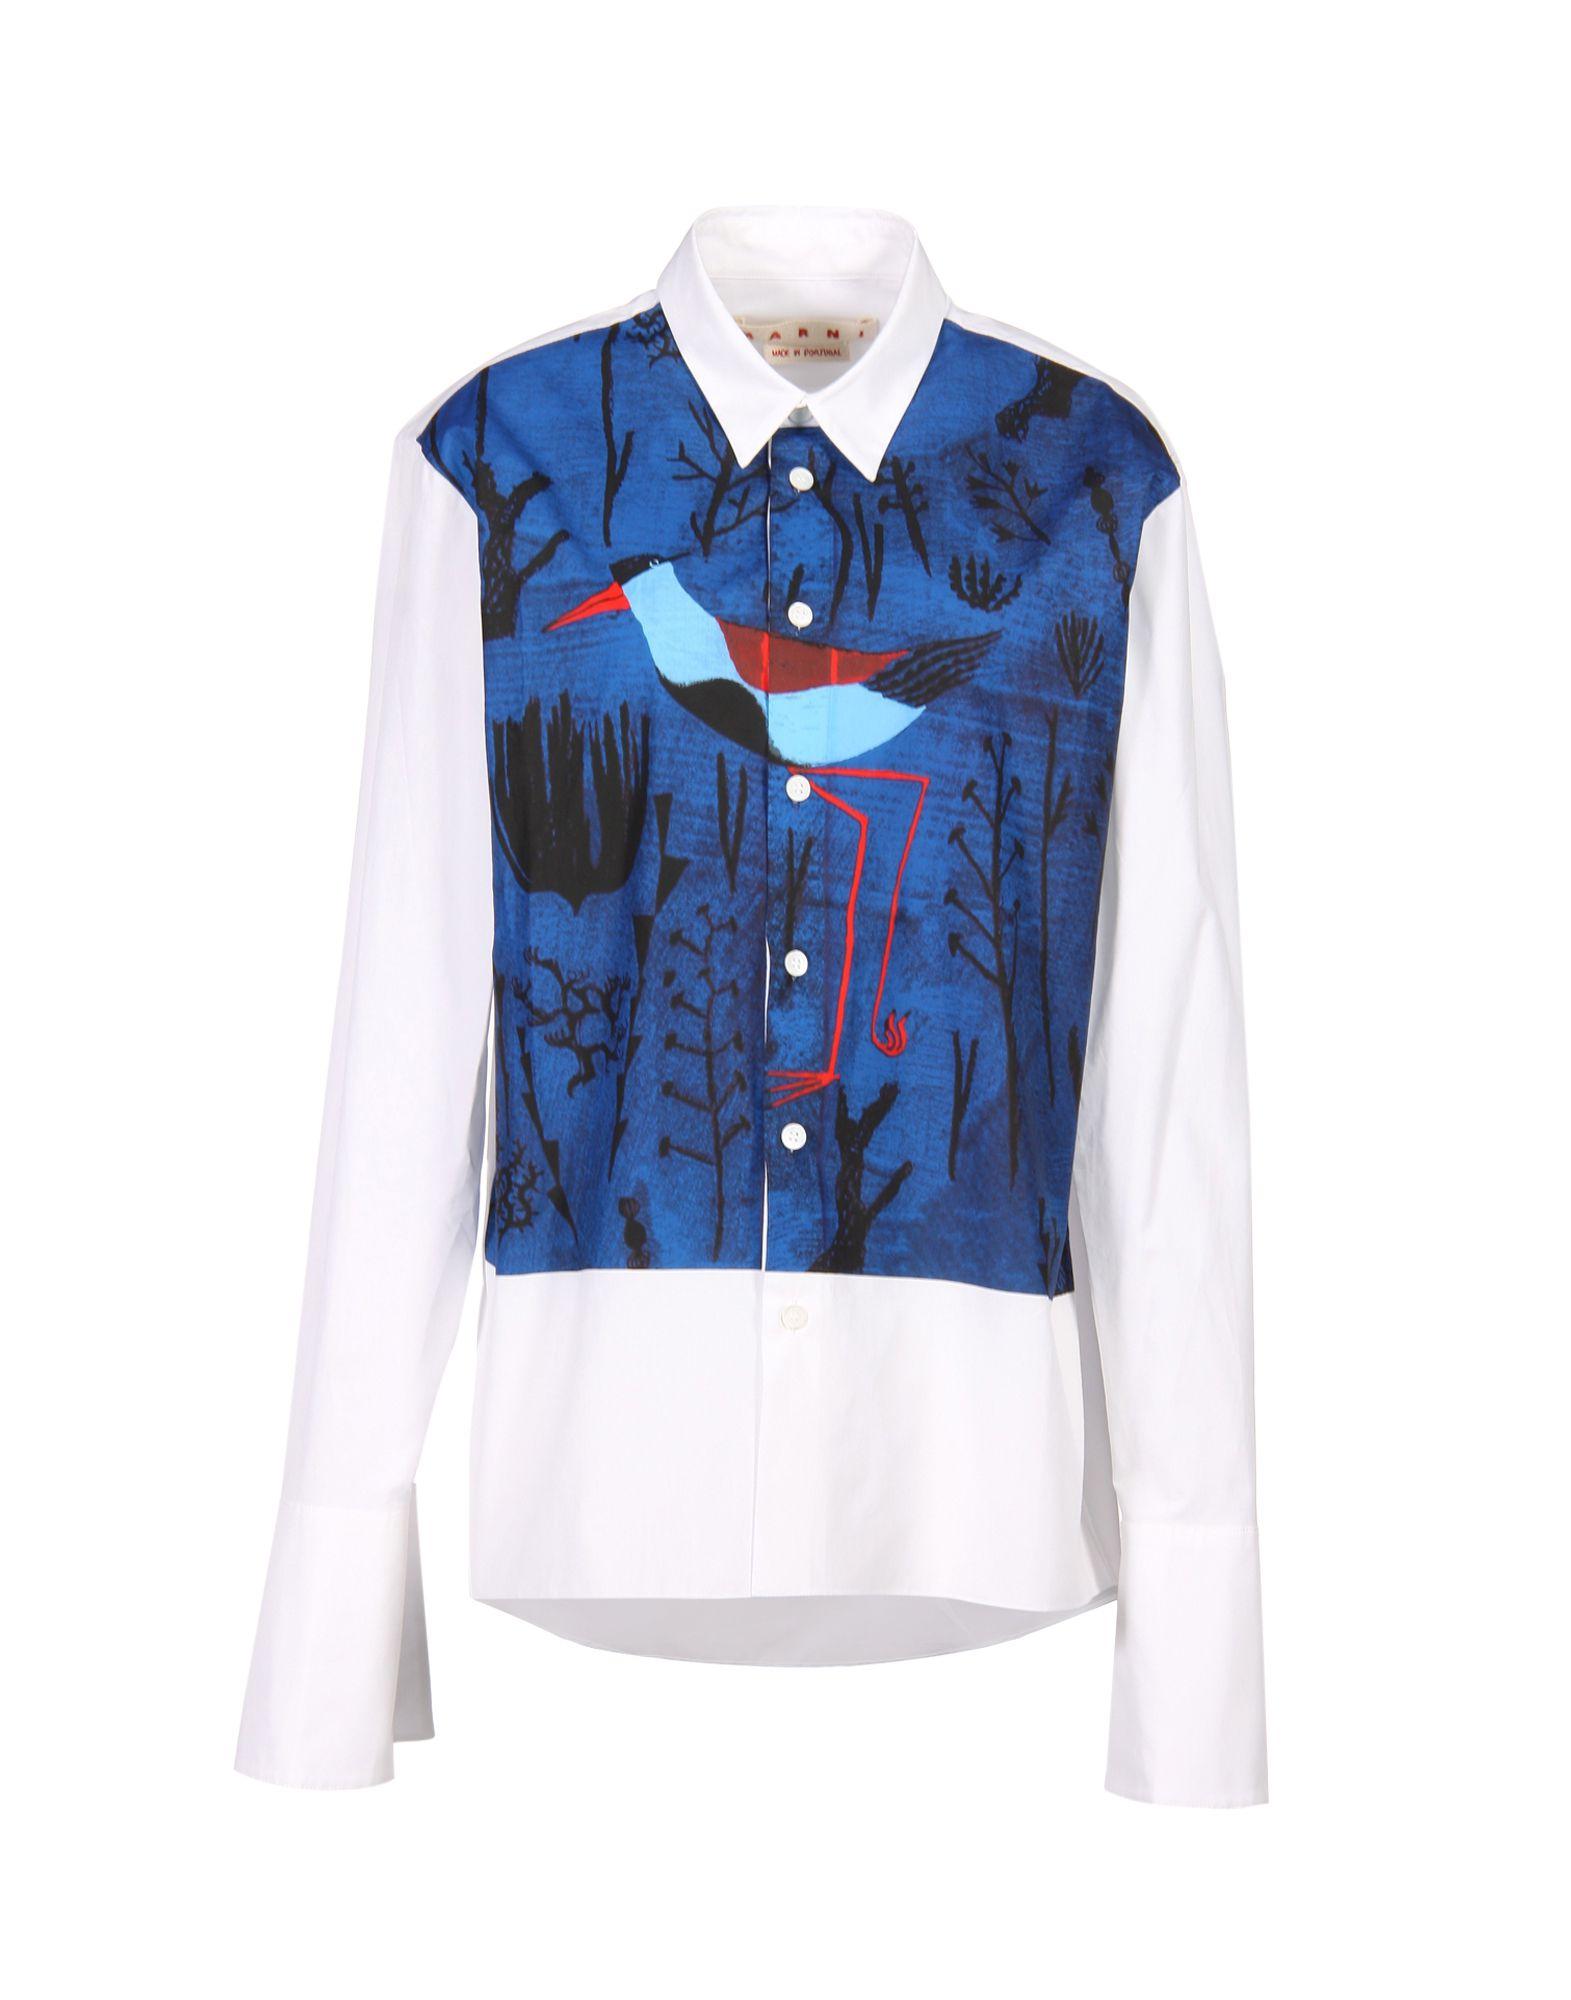 Marni shirt 1